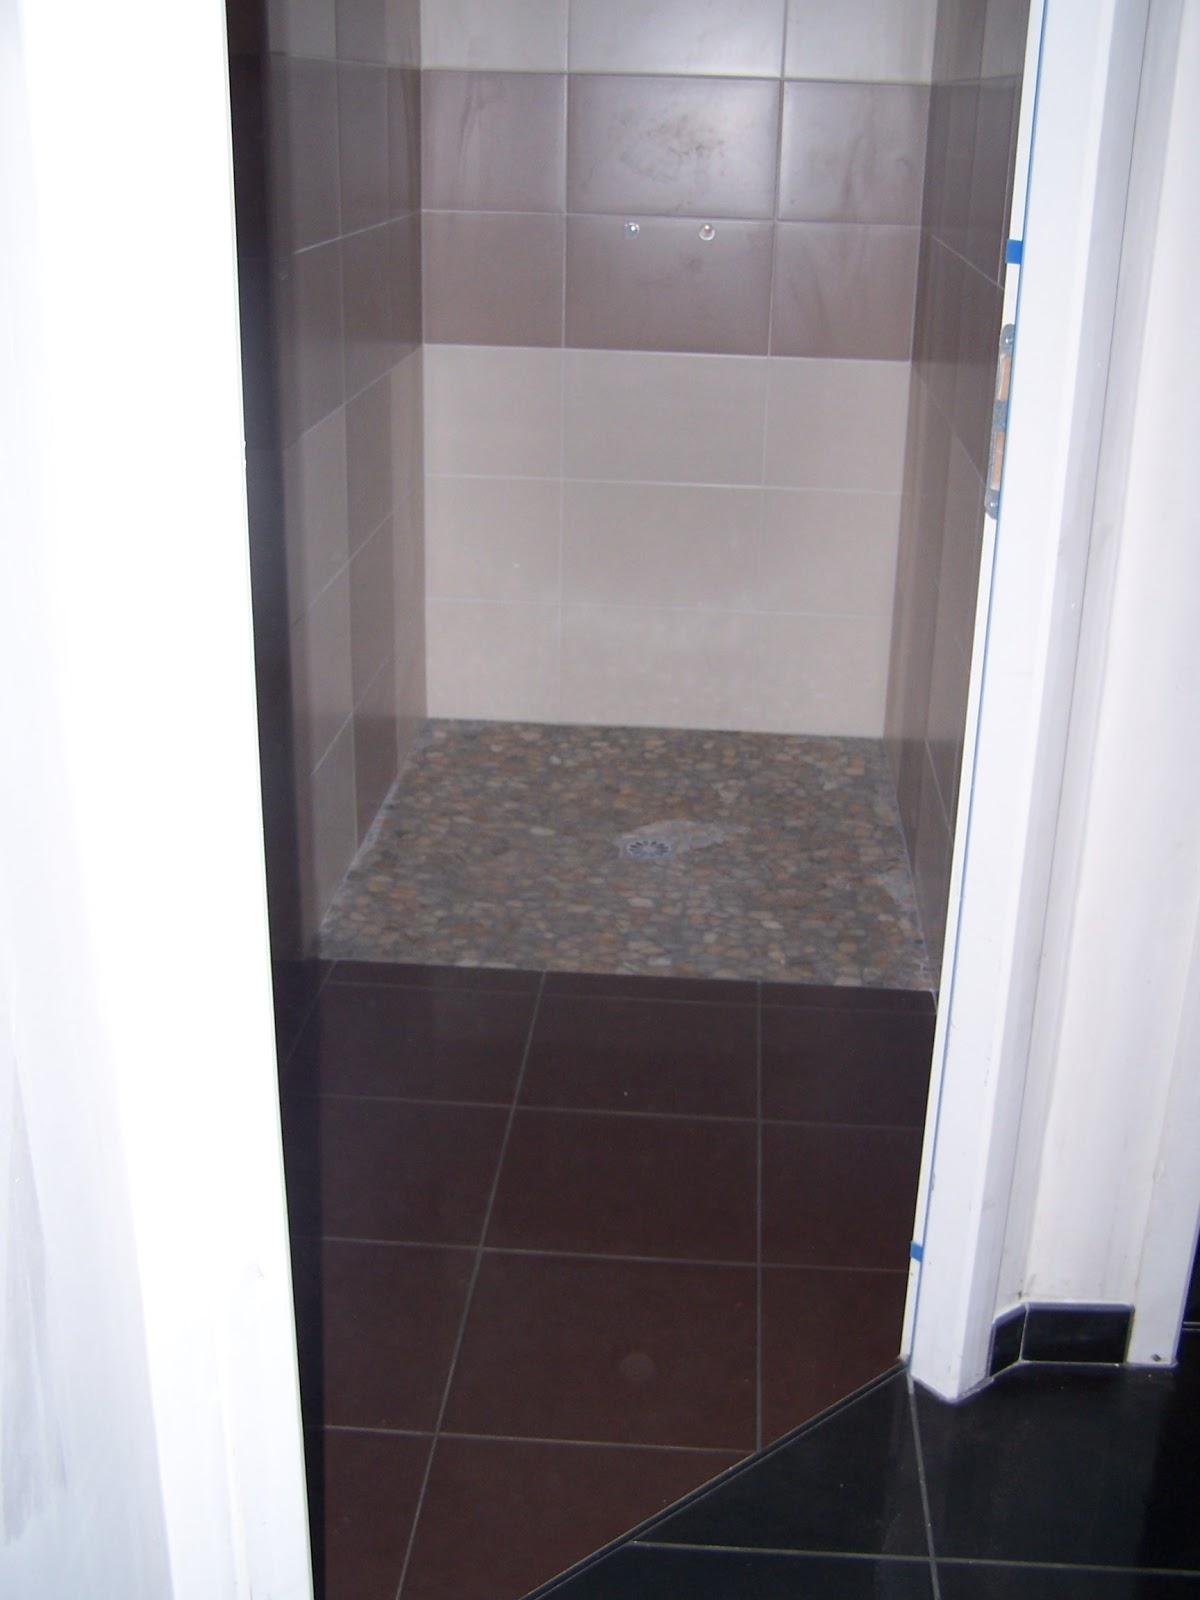 Bouillon gilles janvier 2012 for Pose de faience dans une salle de bain